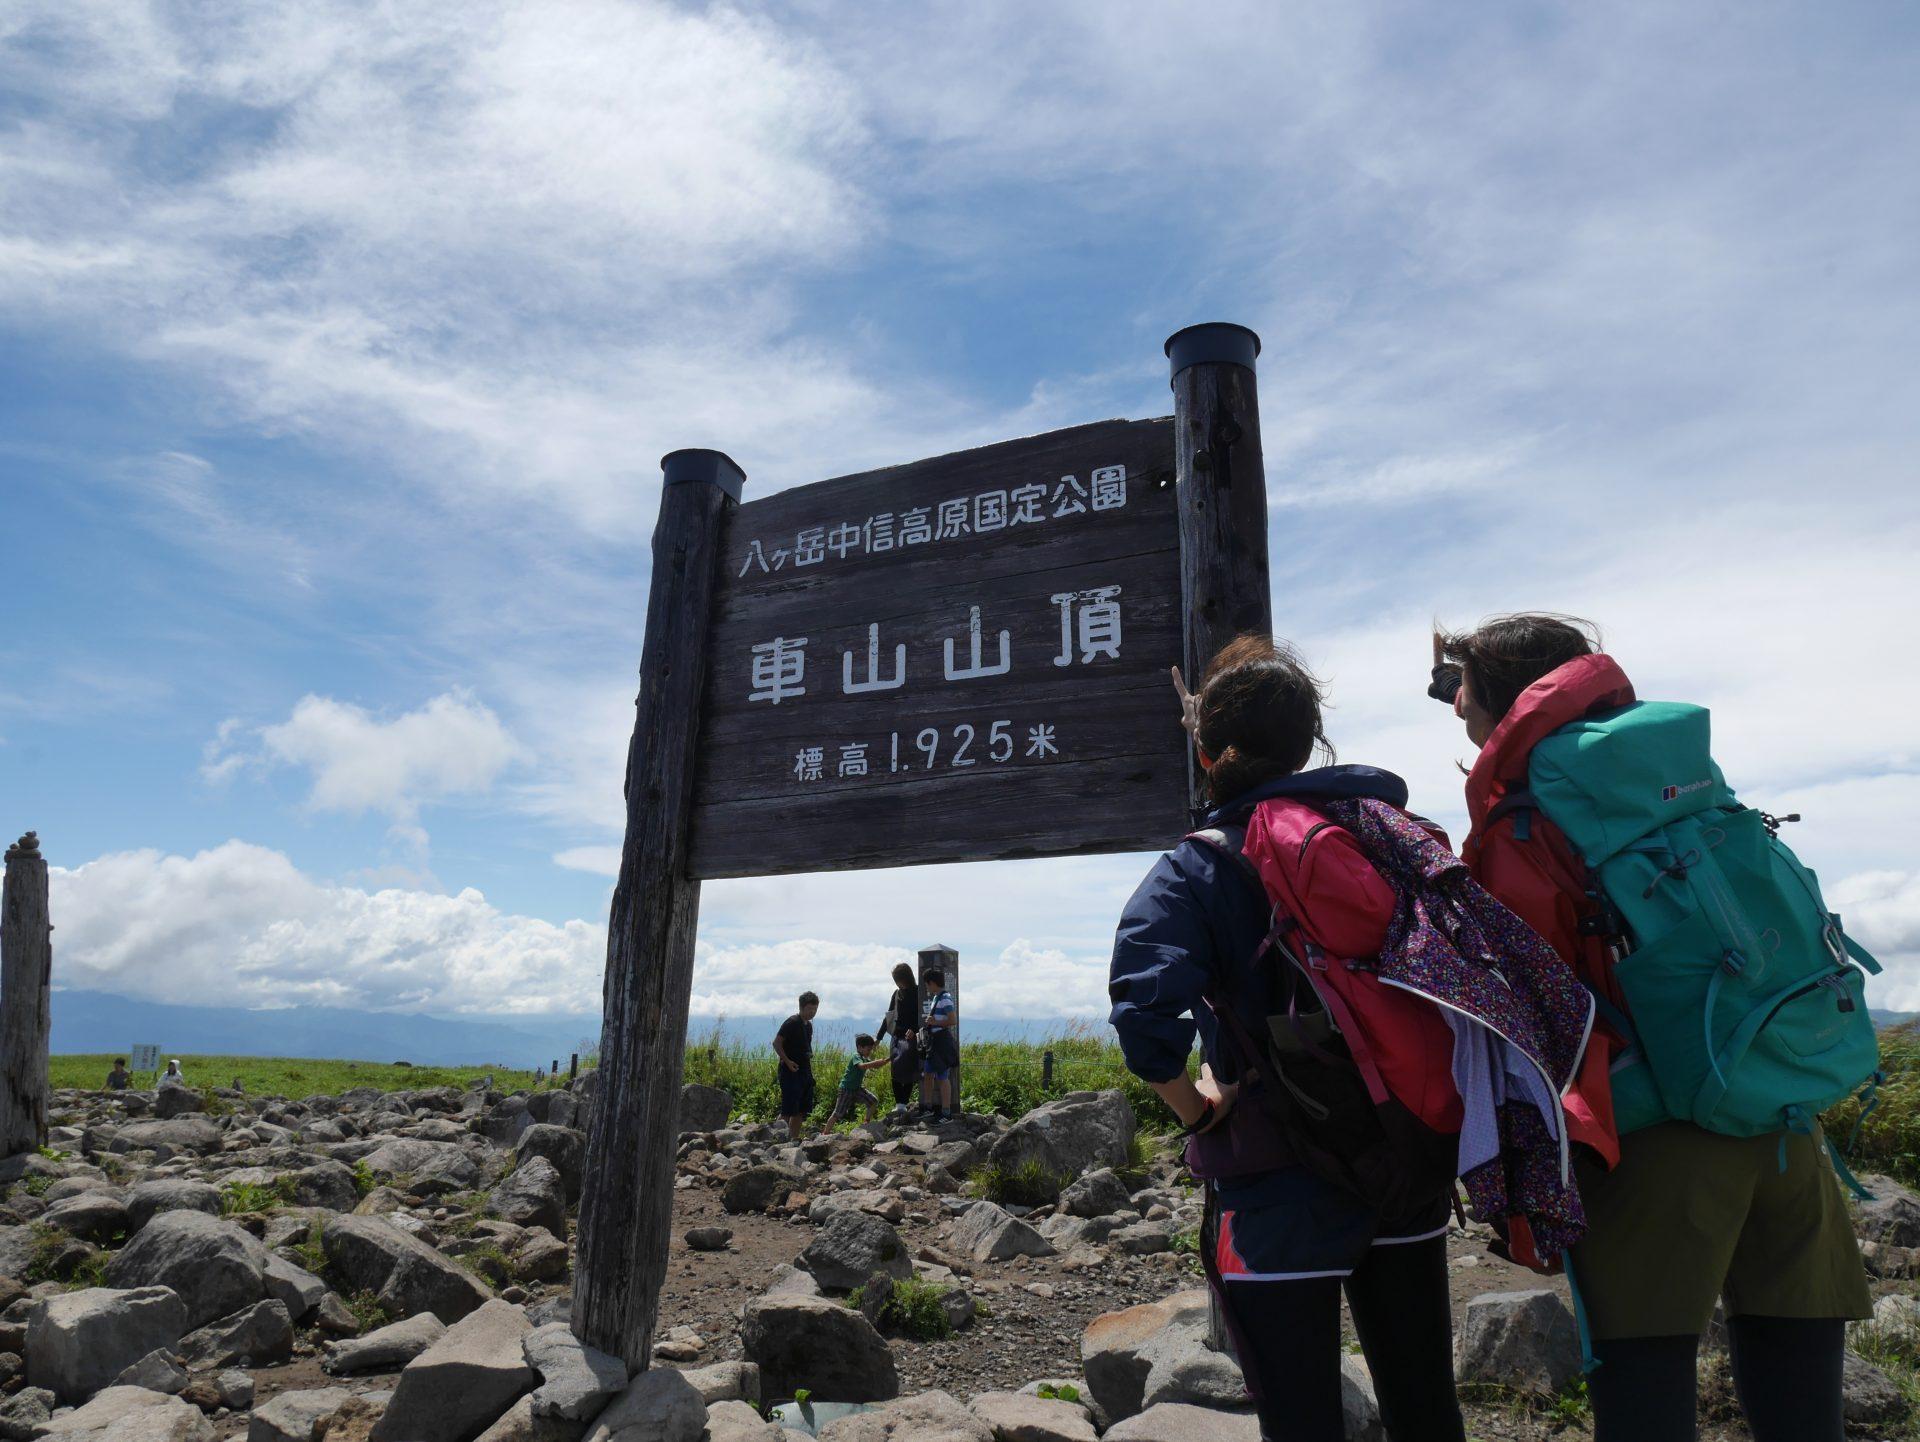 日本百名山・霧ヶ峰/車山に登ったら見つけてほしいお花たちをご紹介! 登山初心者でも行きやすくお花を探す目的で登ってみると楽しんでいただけます。